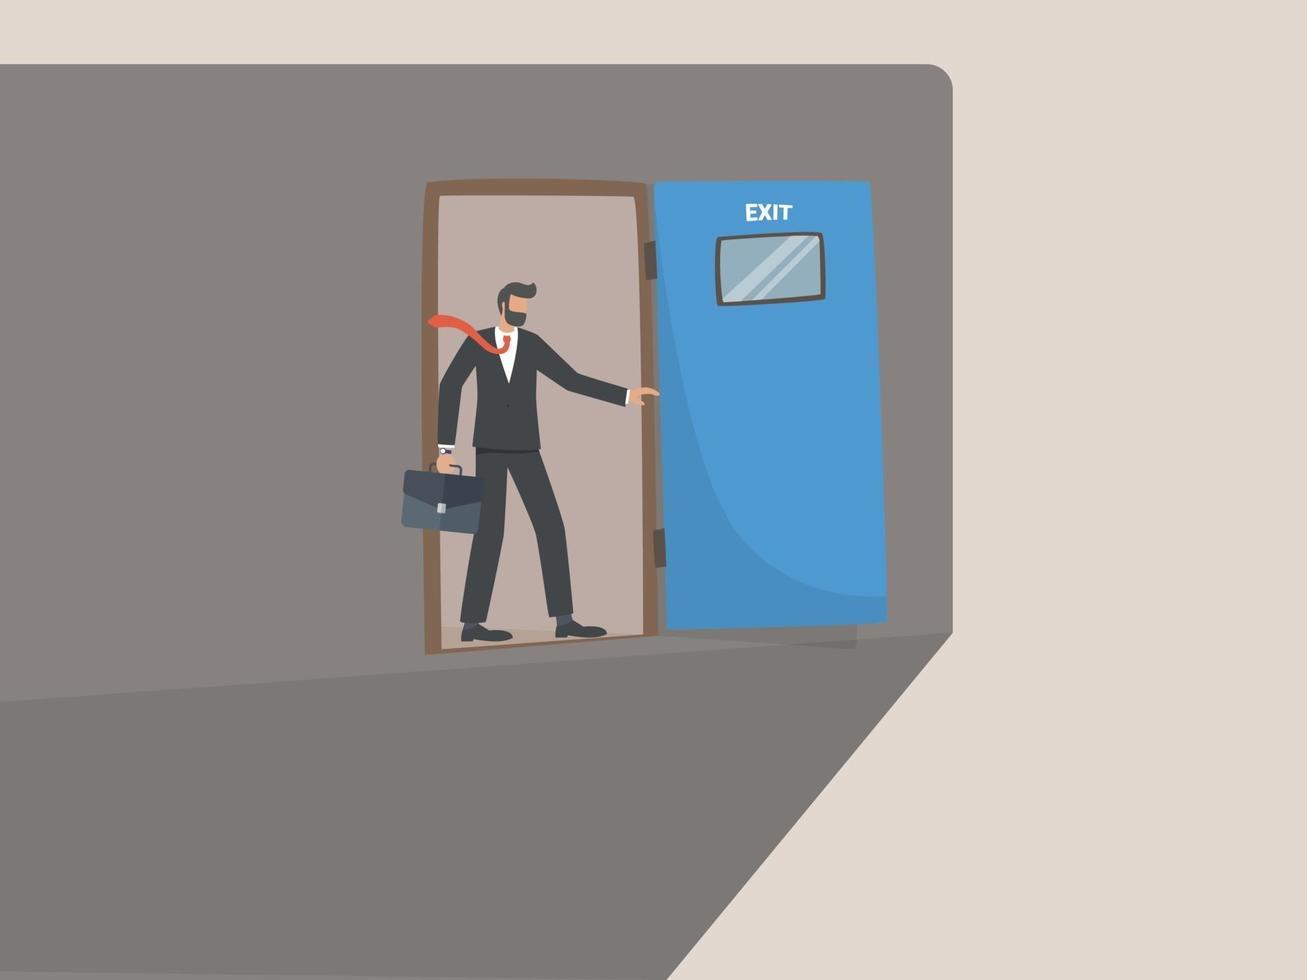 verkeerde beslissing in het bedrijf of einde van carrièrepad, concept van onderbreking van de zakelijke carrière. vector